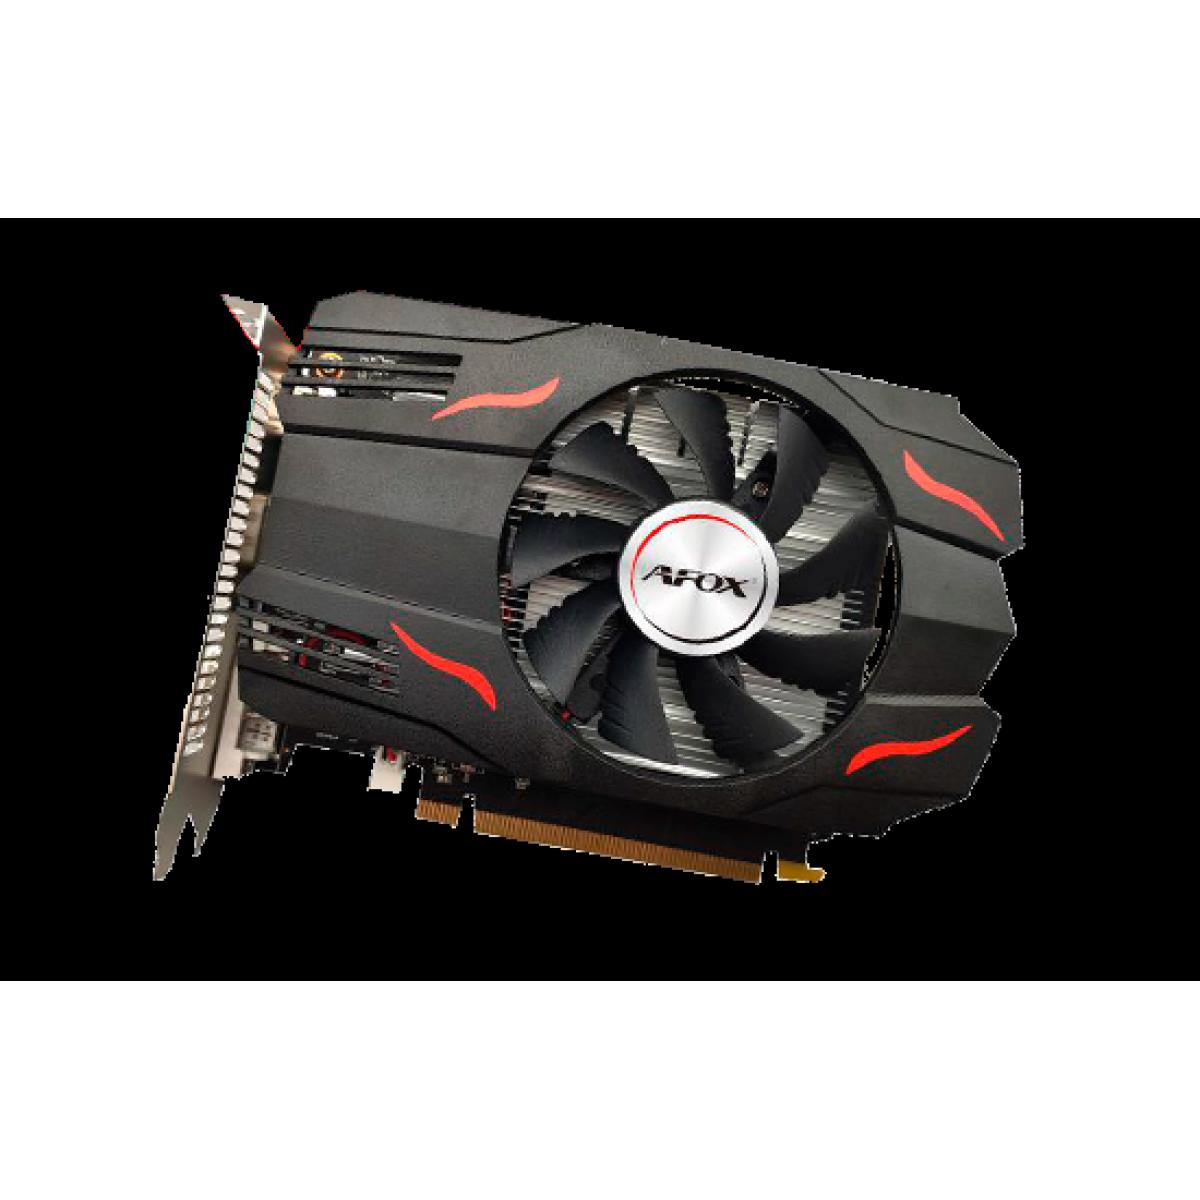 Placa de Vídeo Afox, Radeon, RX 550, 2GB, GDDR5, 128Bit, AFRX550-2048D5H3